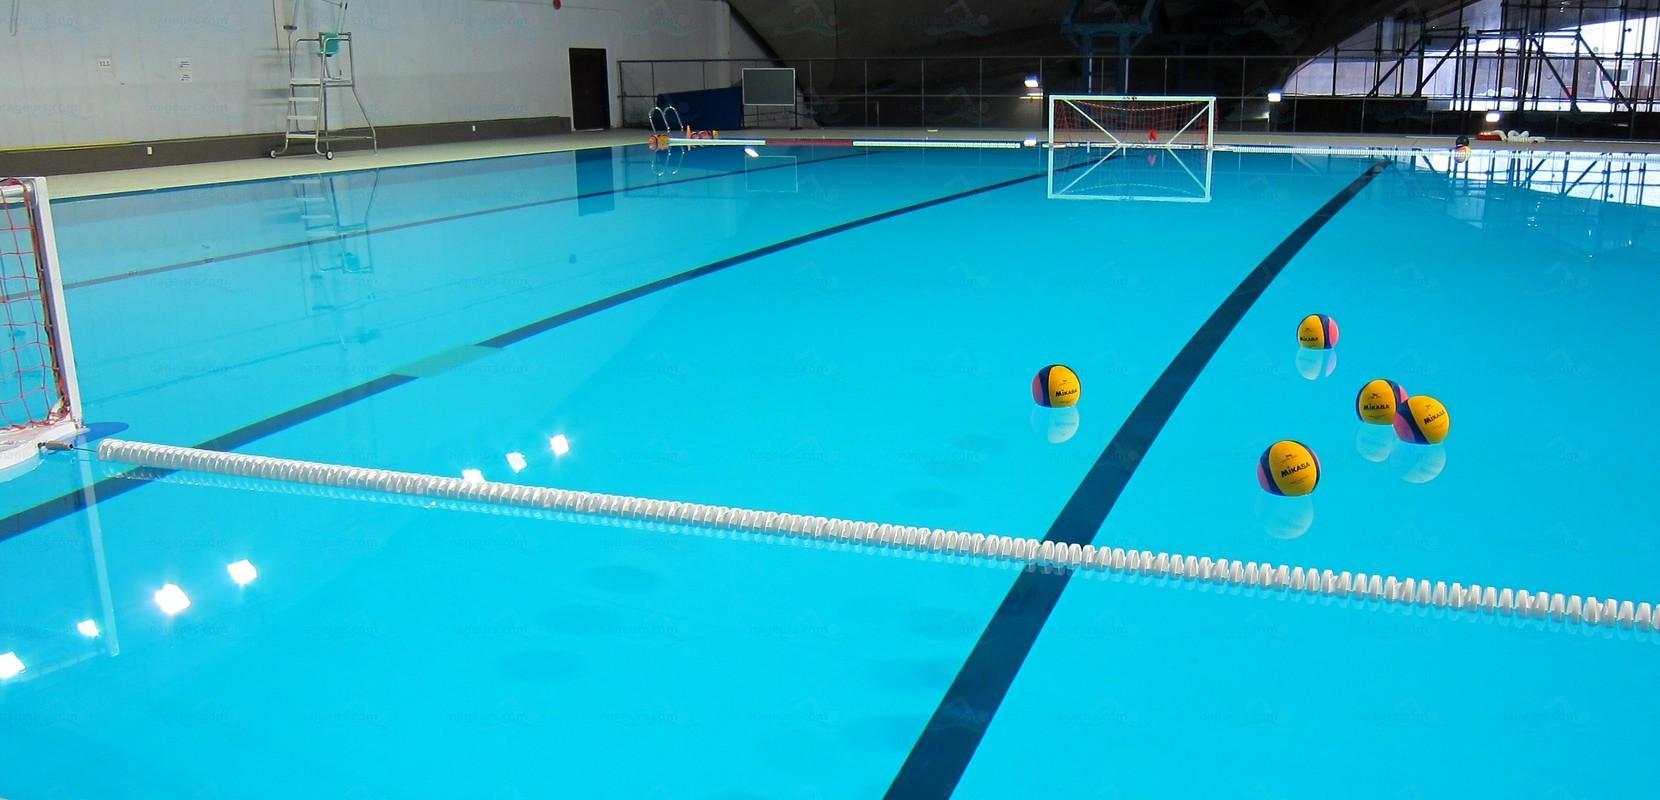 Annuaire des piscines  Canada piscines  Nageurscom